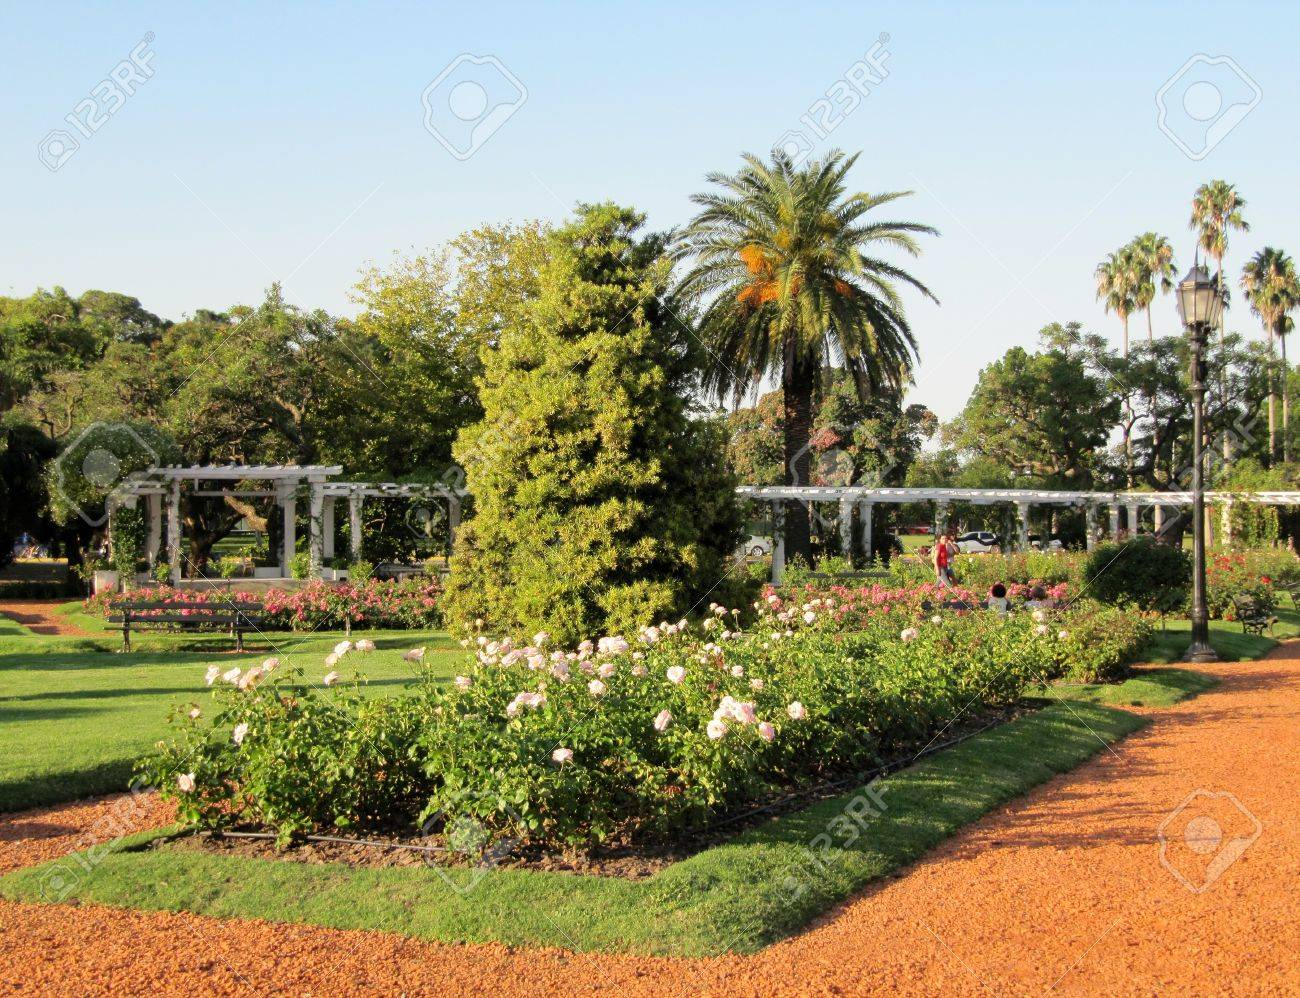 Schone Garten Mit Rosen An Einem Sonnigen Tag Landschaft Lizenzfreie